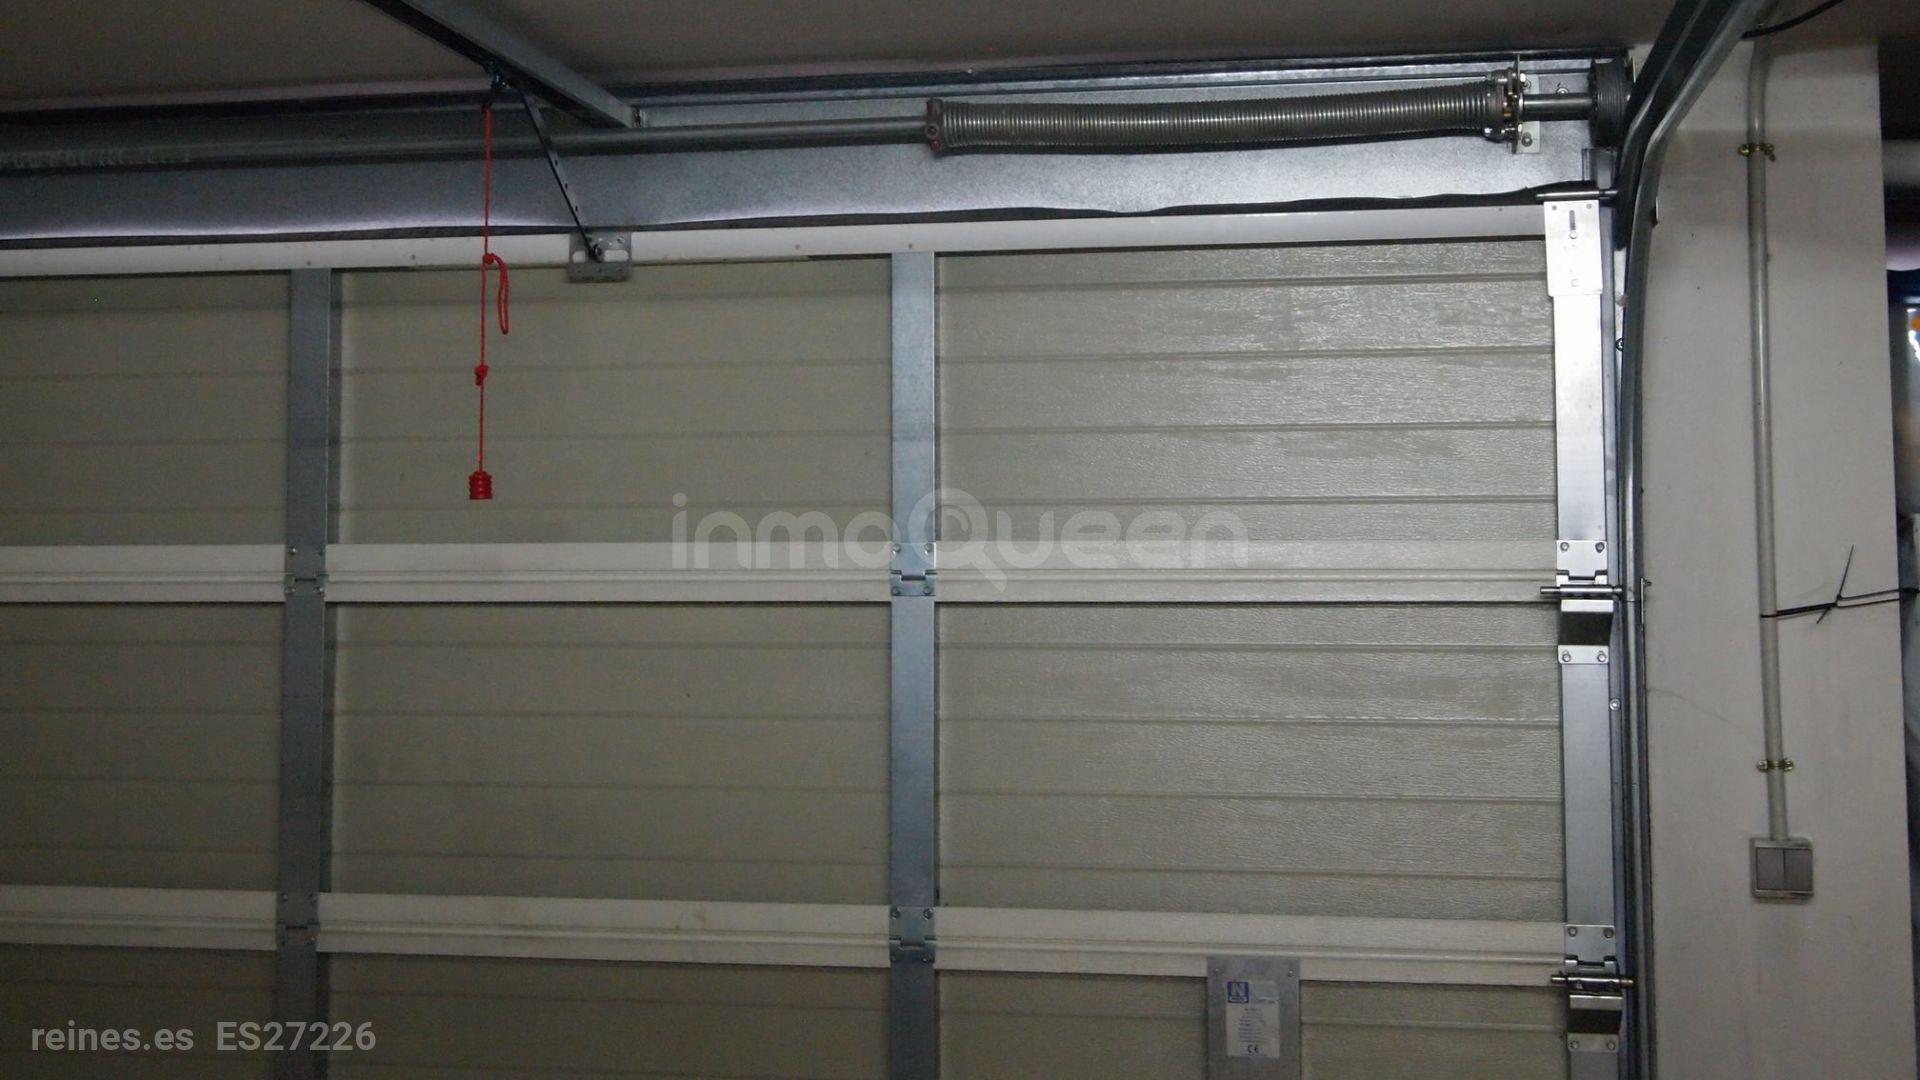 Puerta automática, capacidad para 2 coches